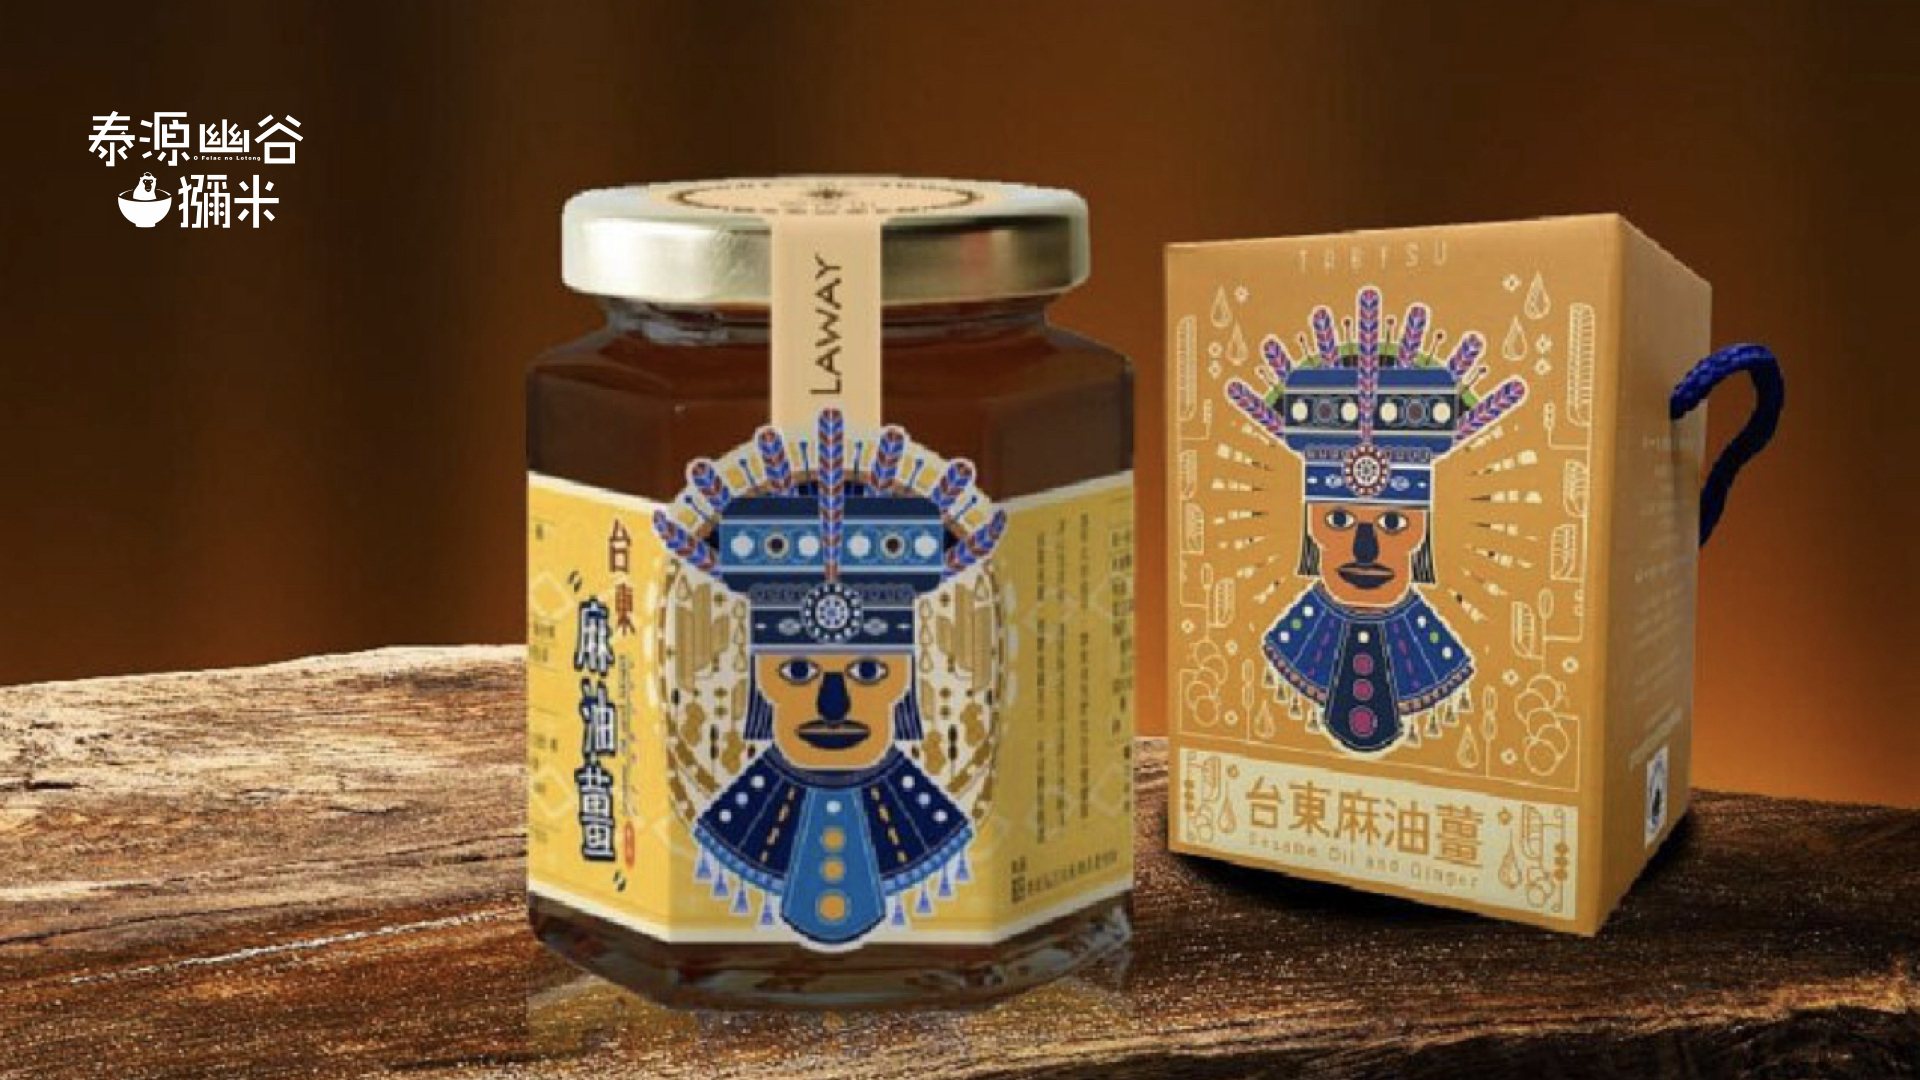 泰源幽谷獼米台東麻油薑醬